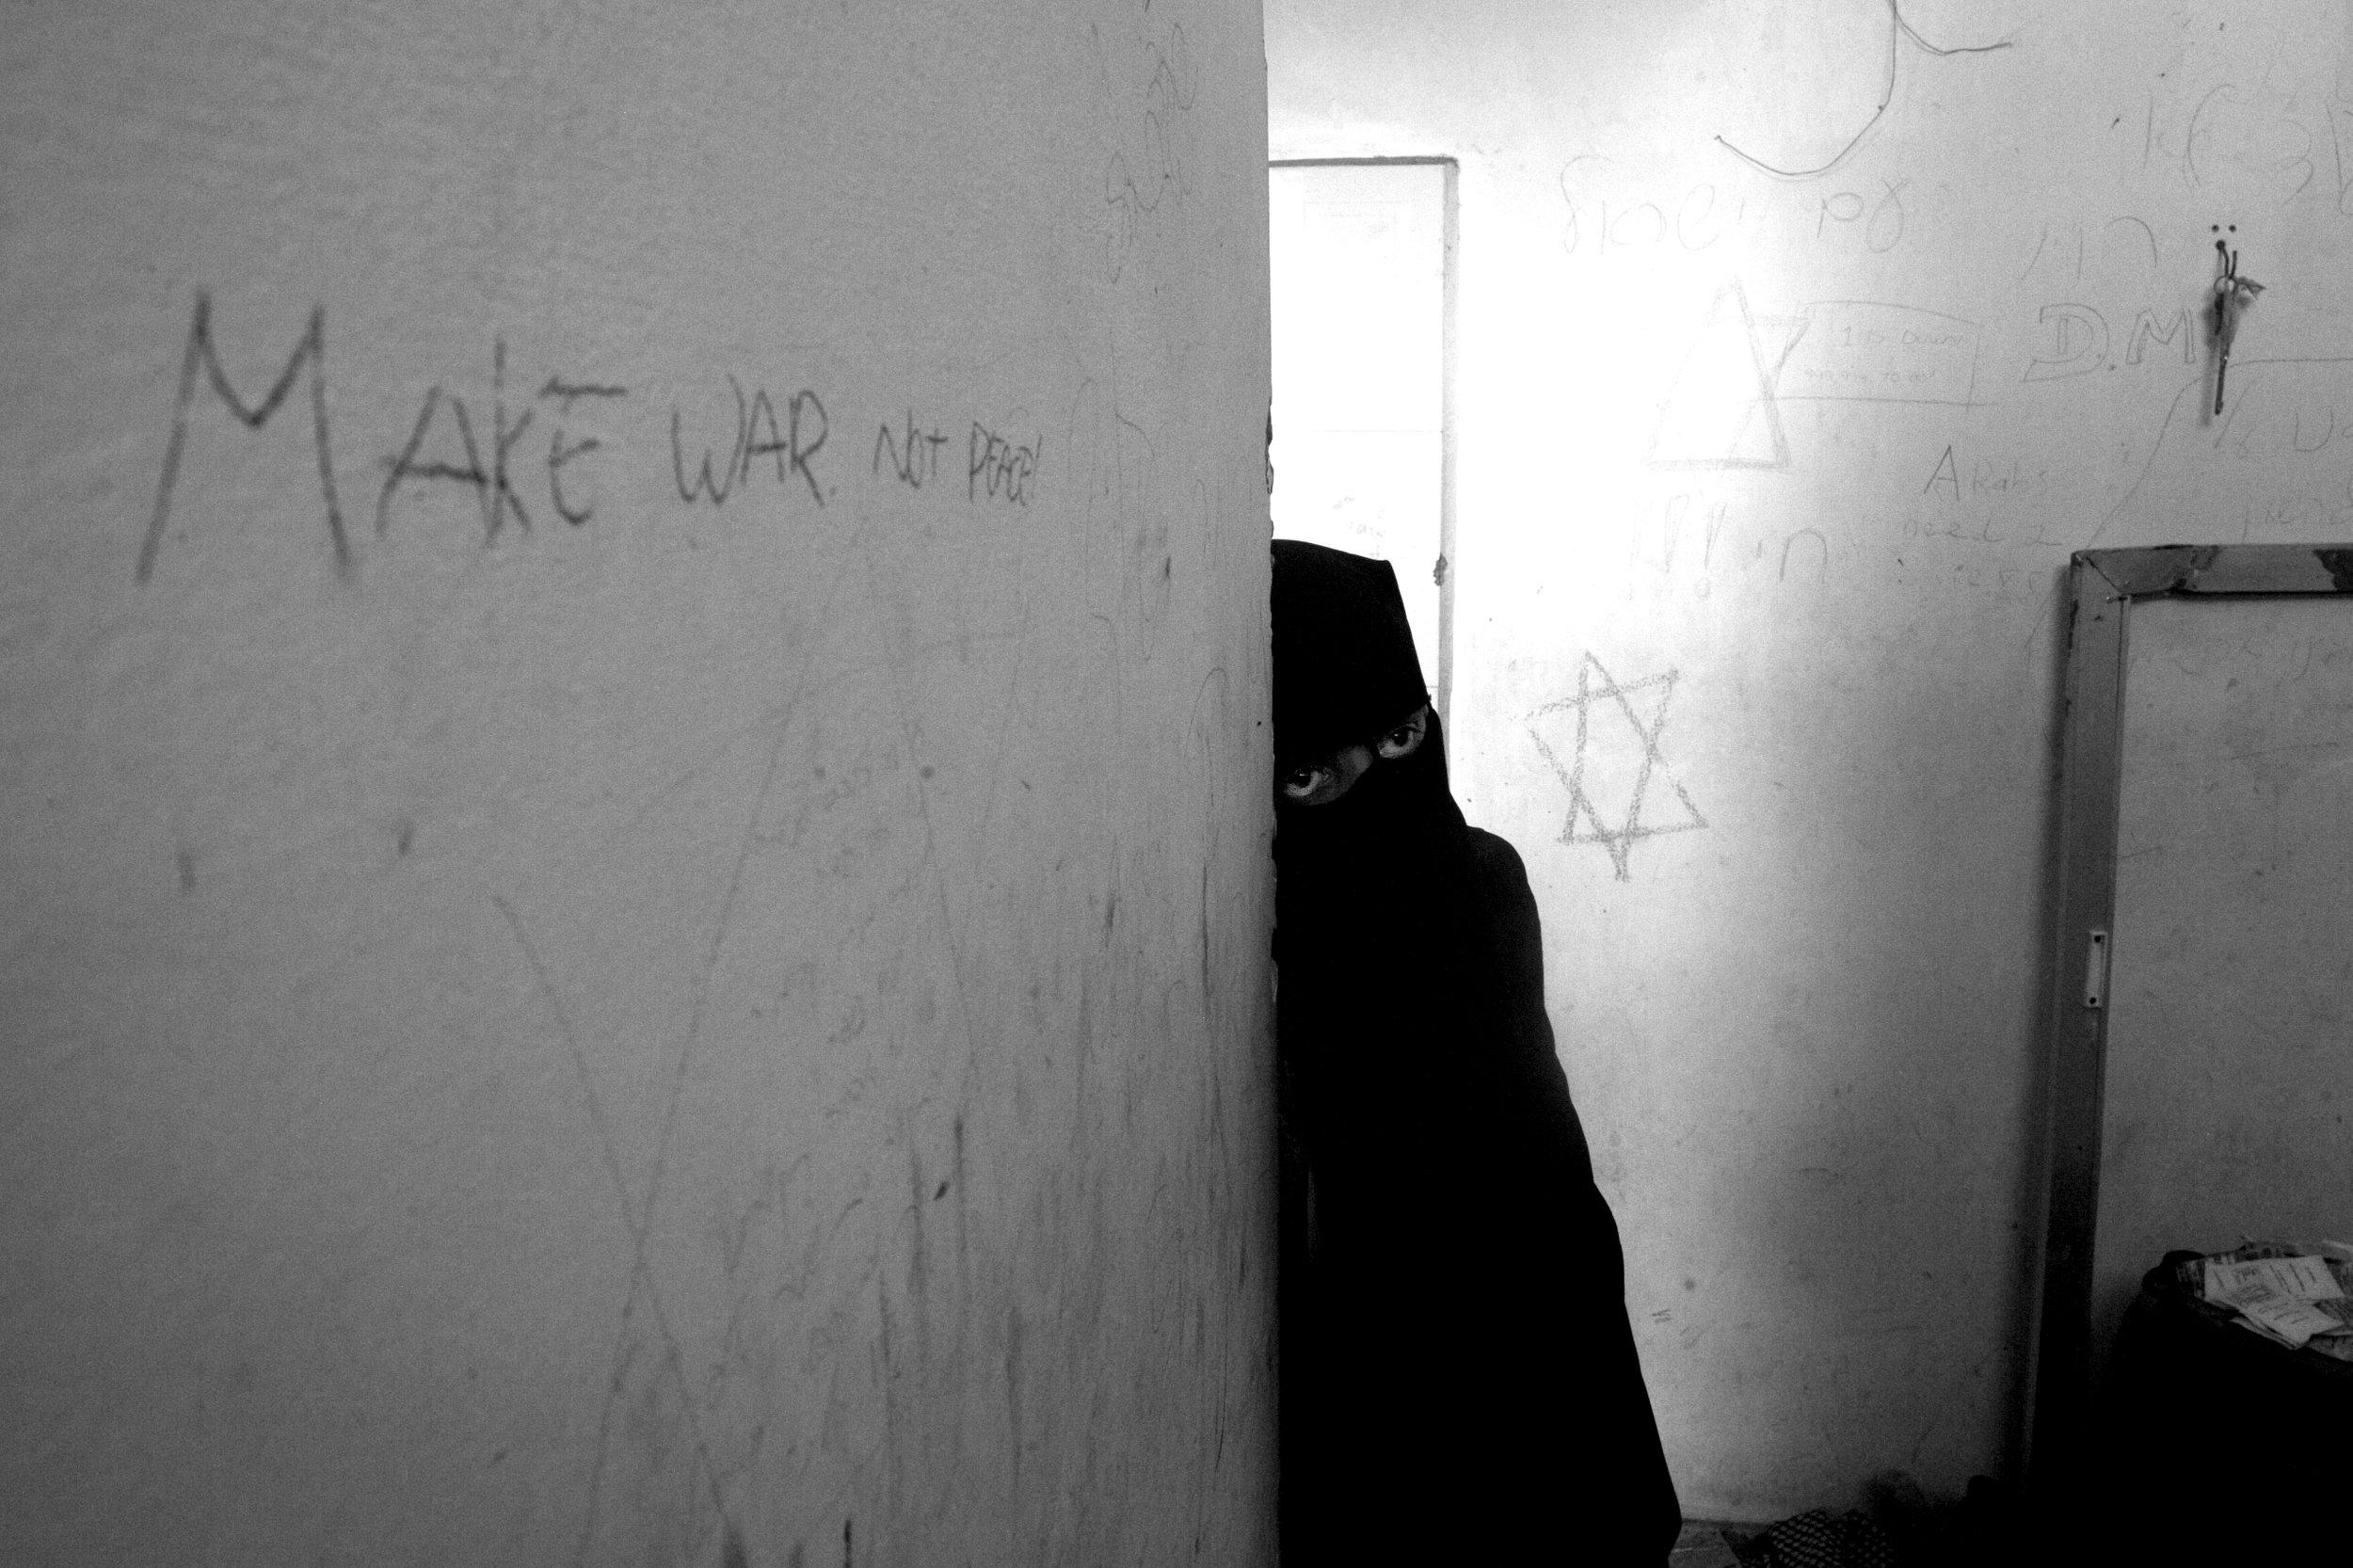 Gaza here we come